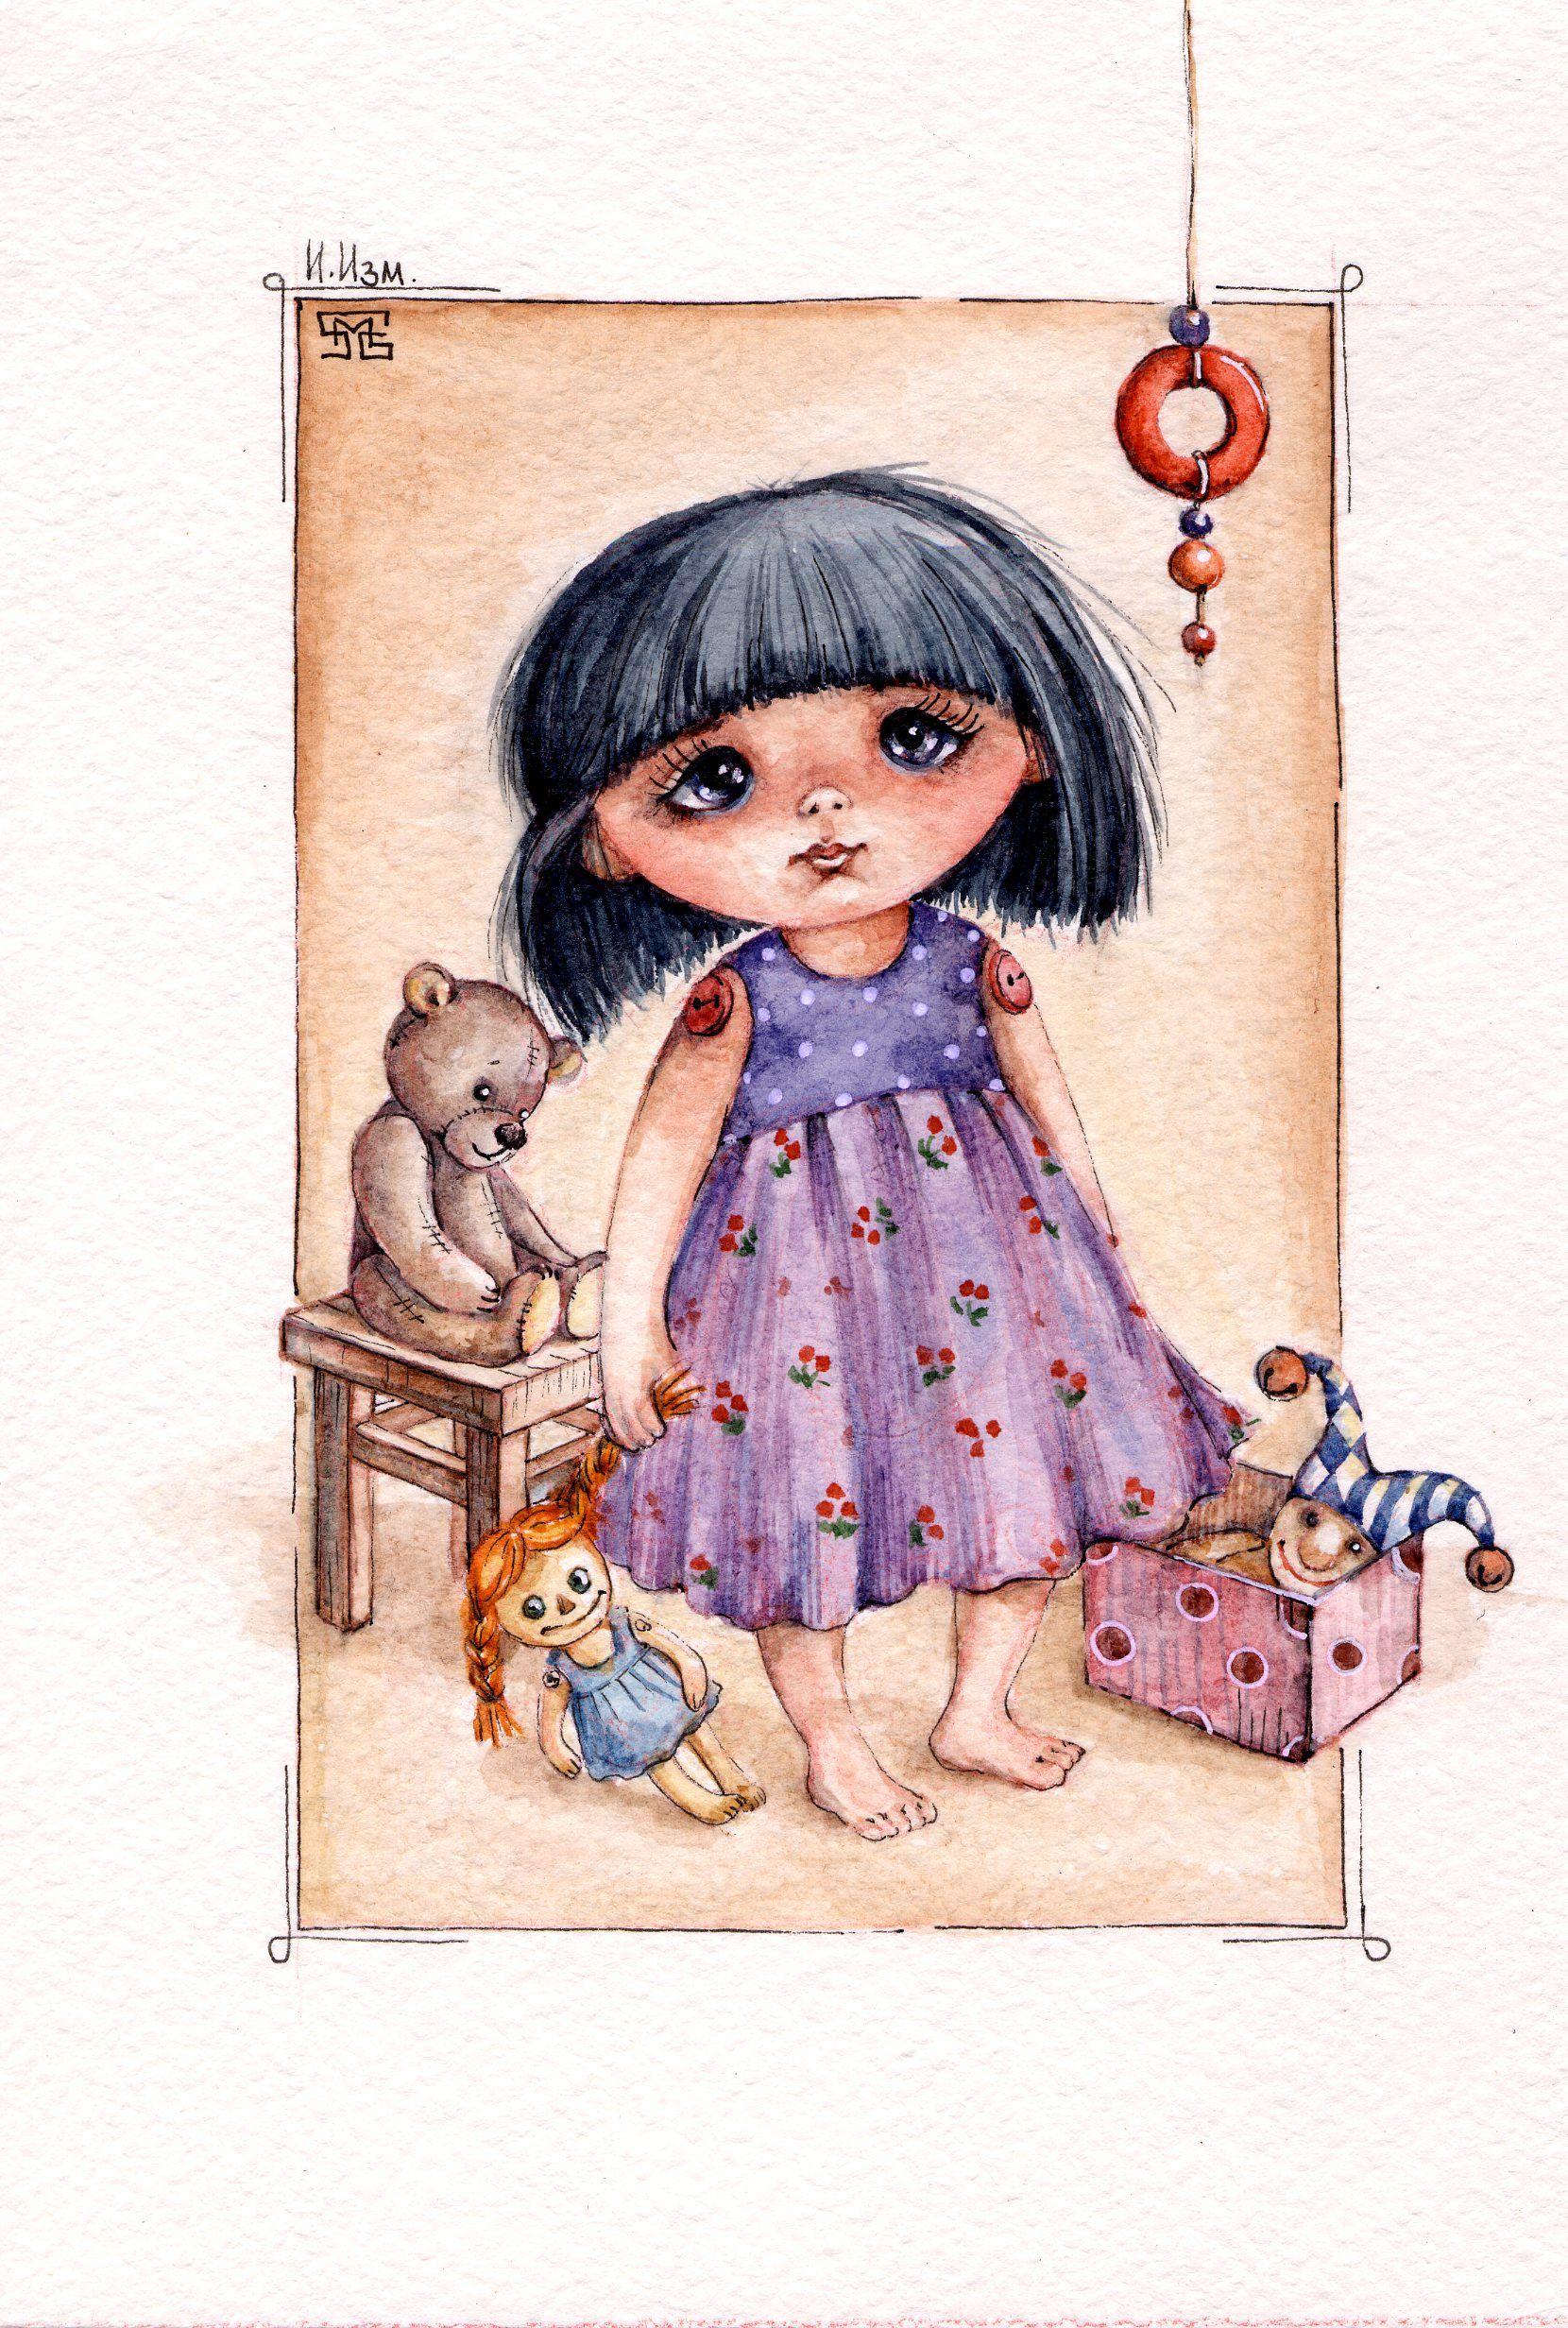 по мотивам работ Елены Керп открытка на заказ акварель куклы dolls waterolor postcard